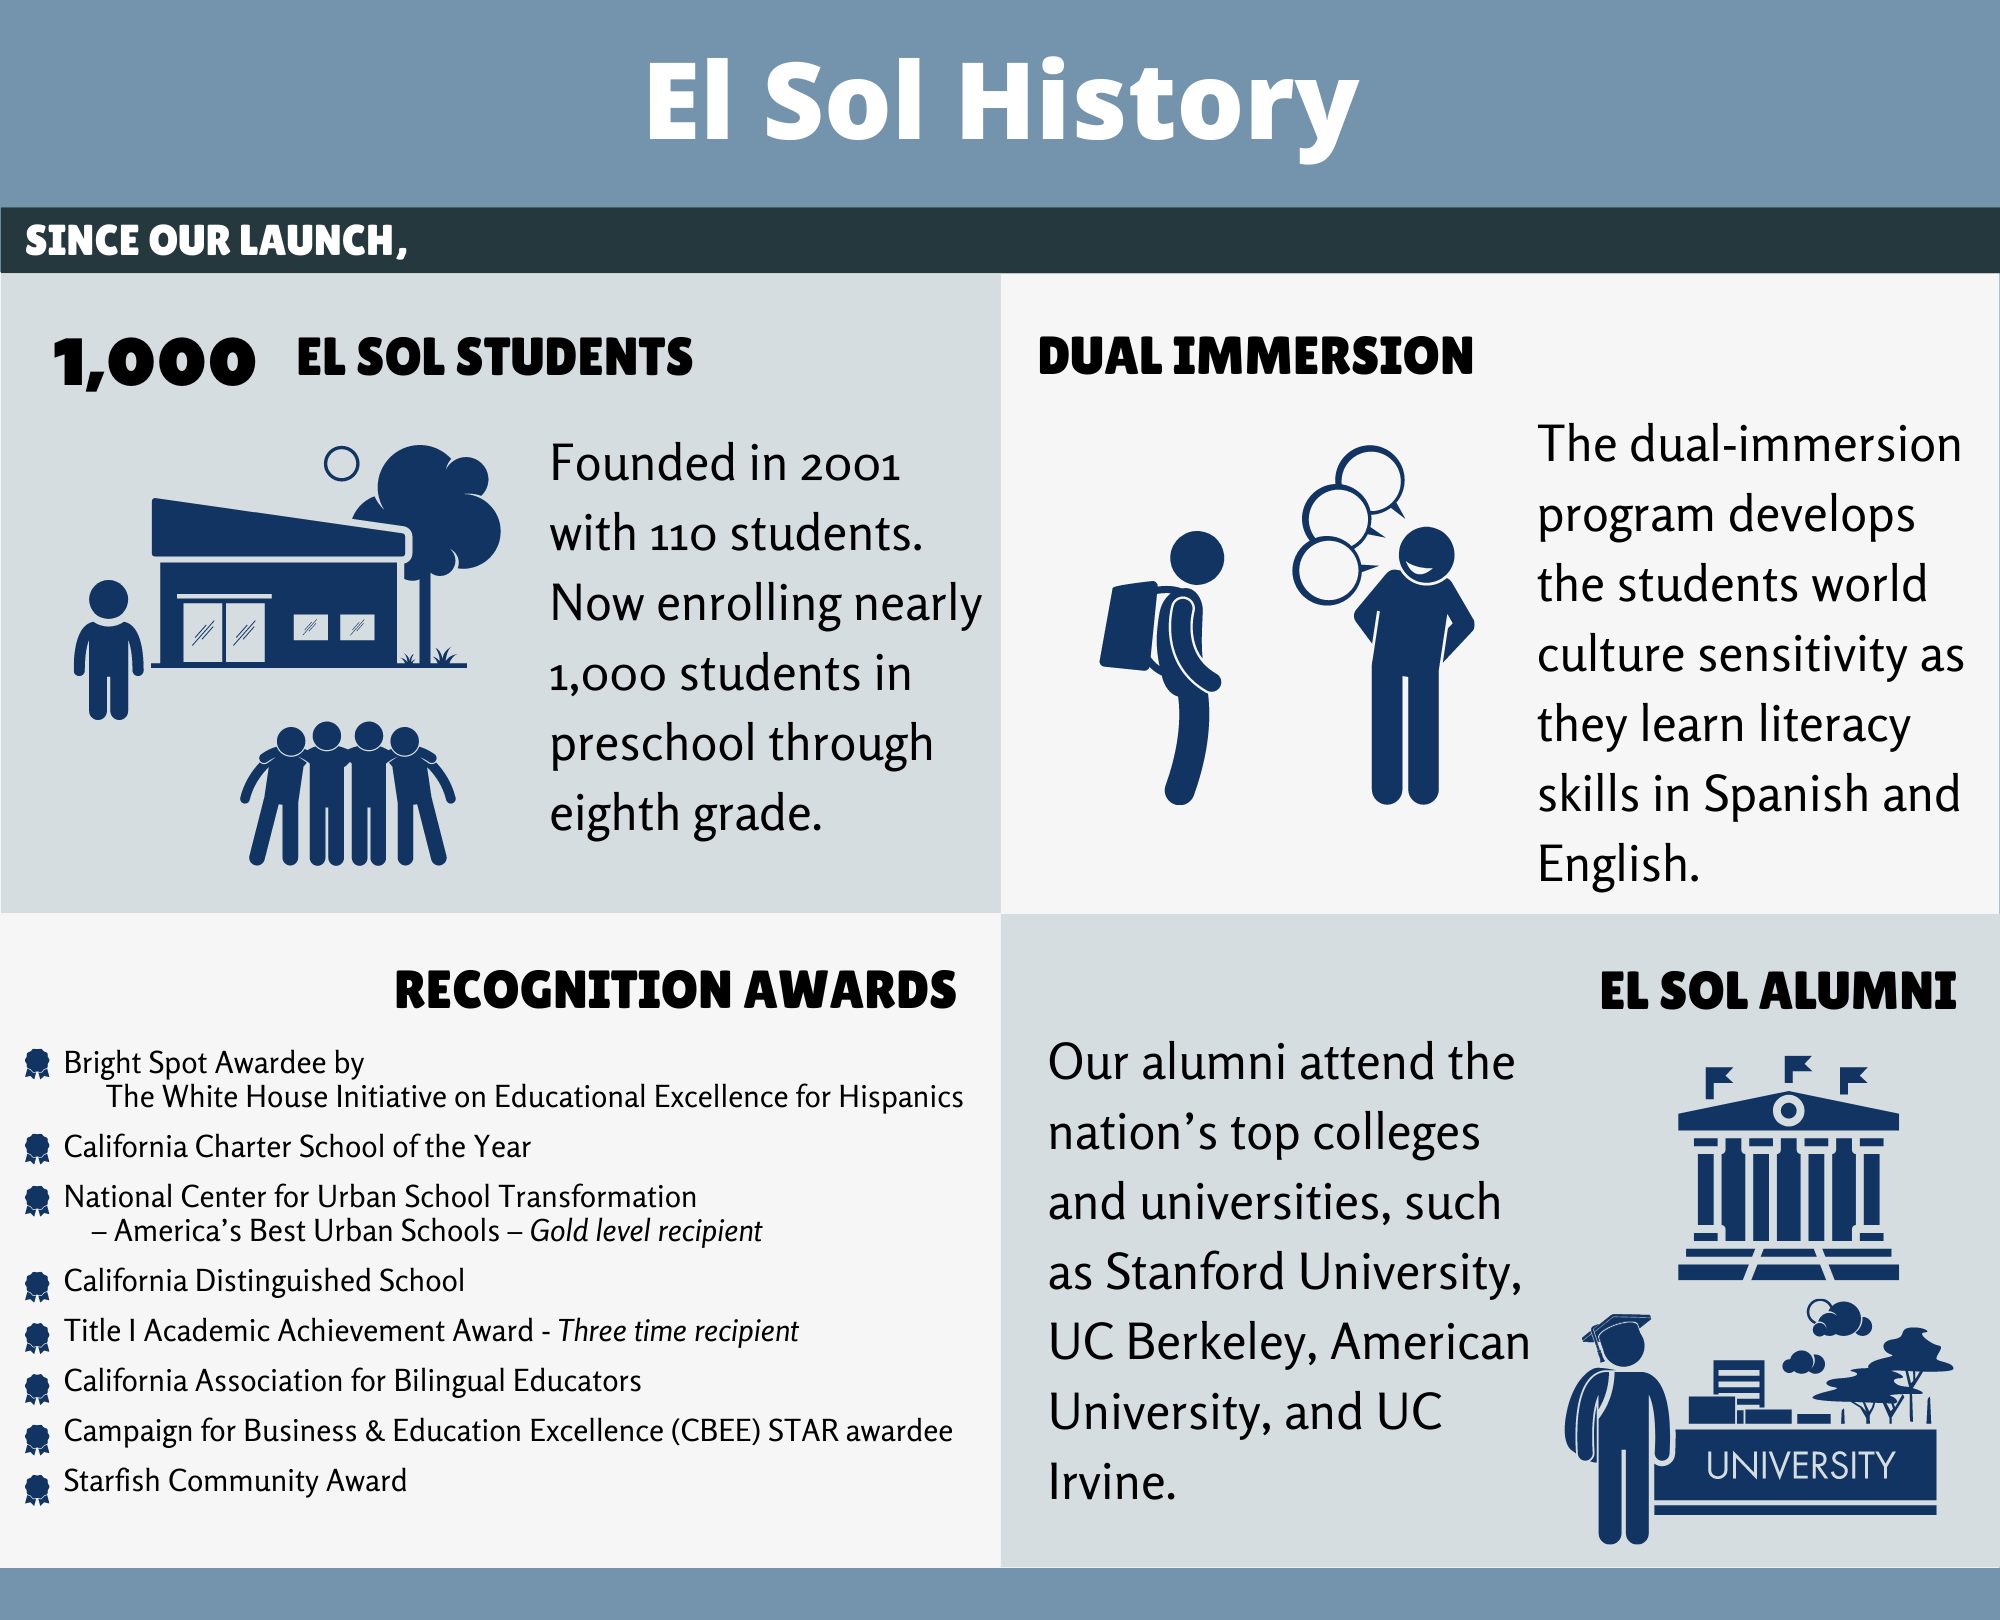 El Sol History